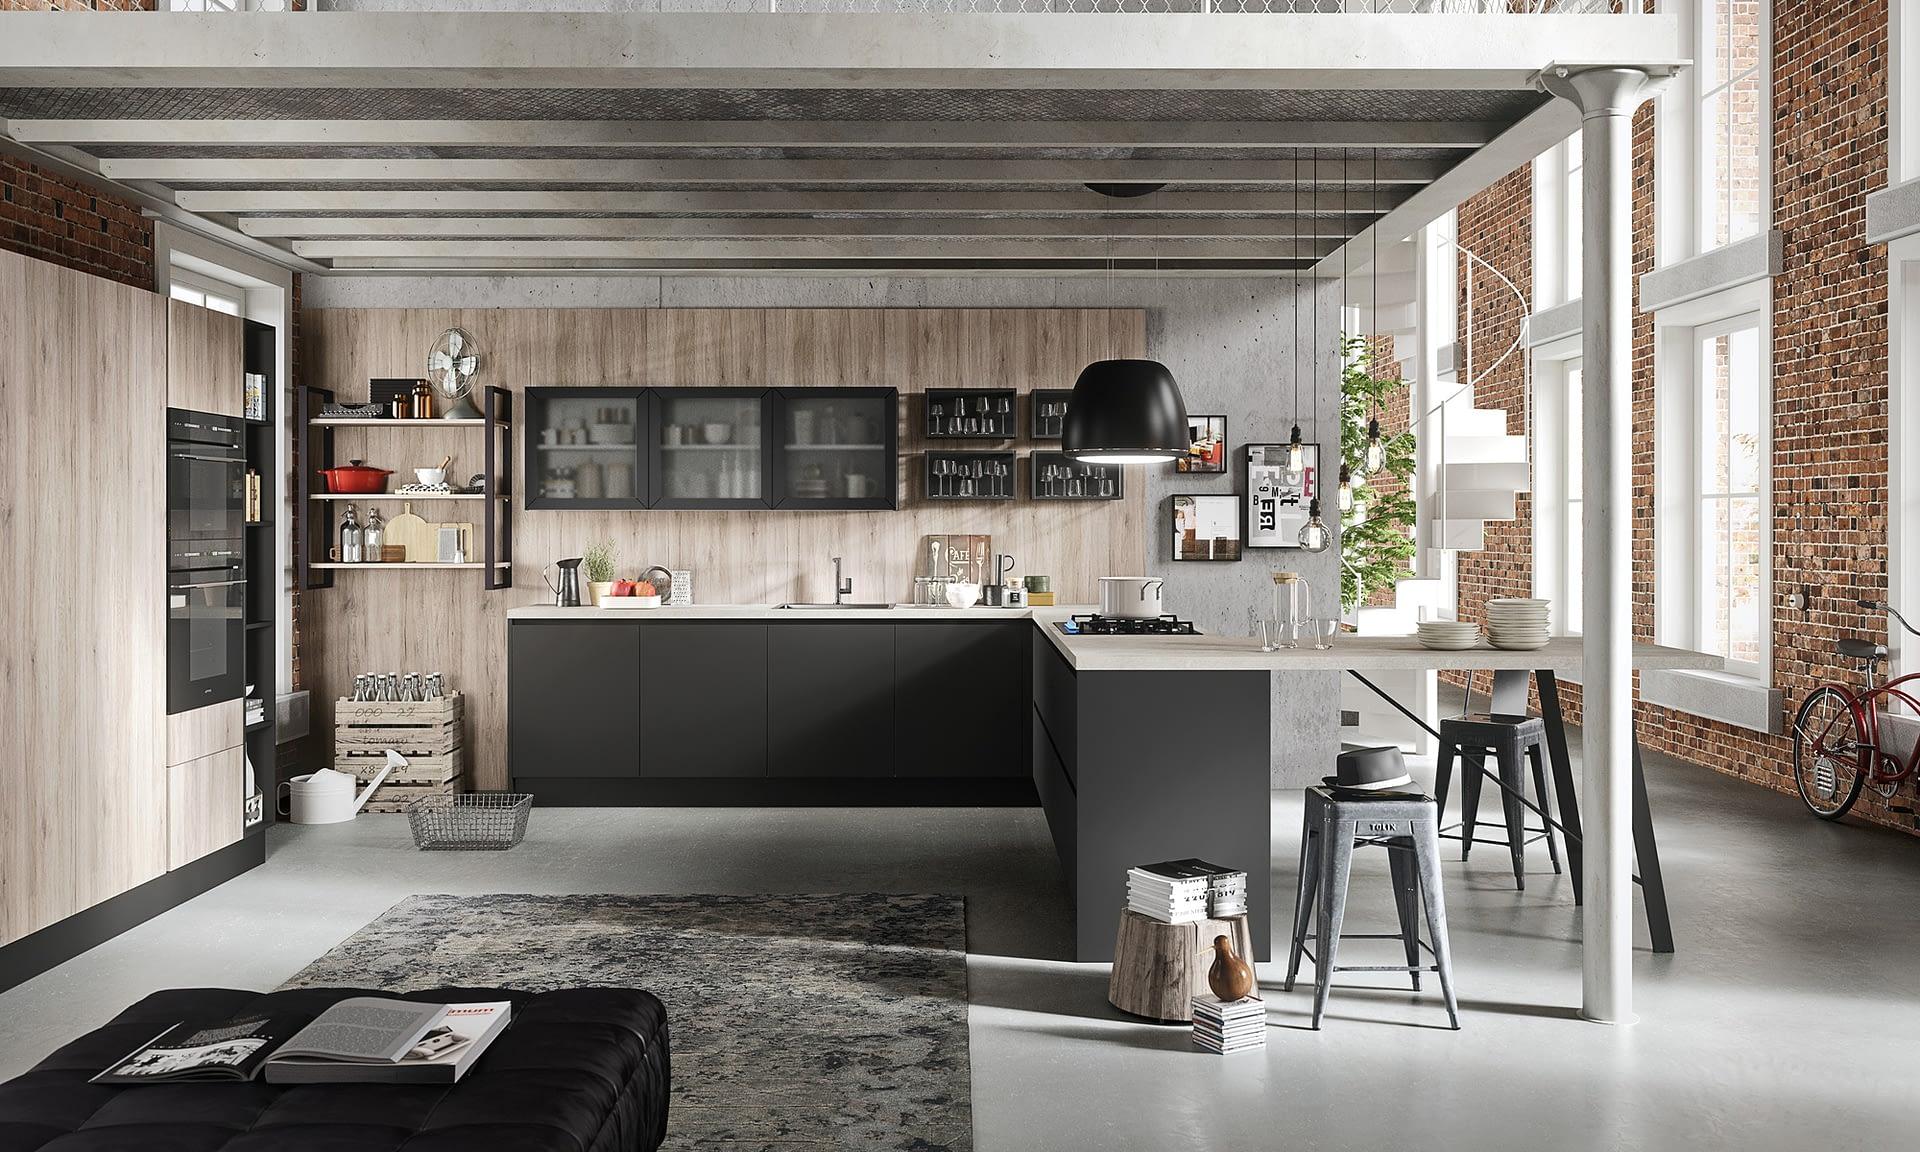 Cucina Urban composizione angolo